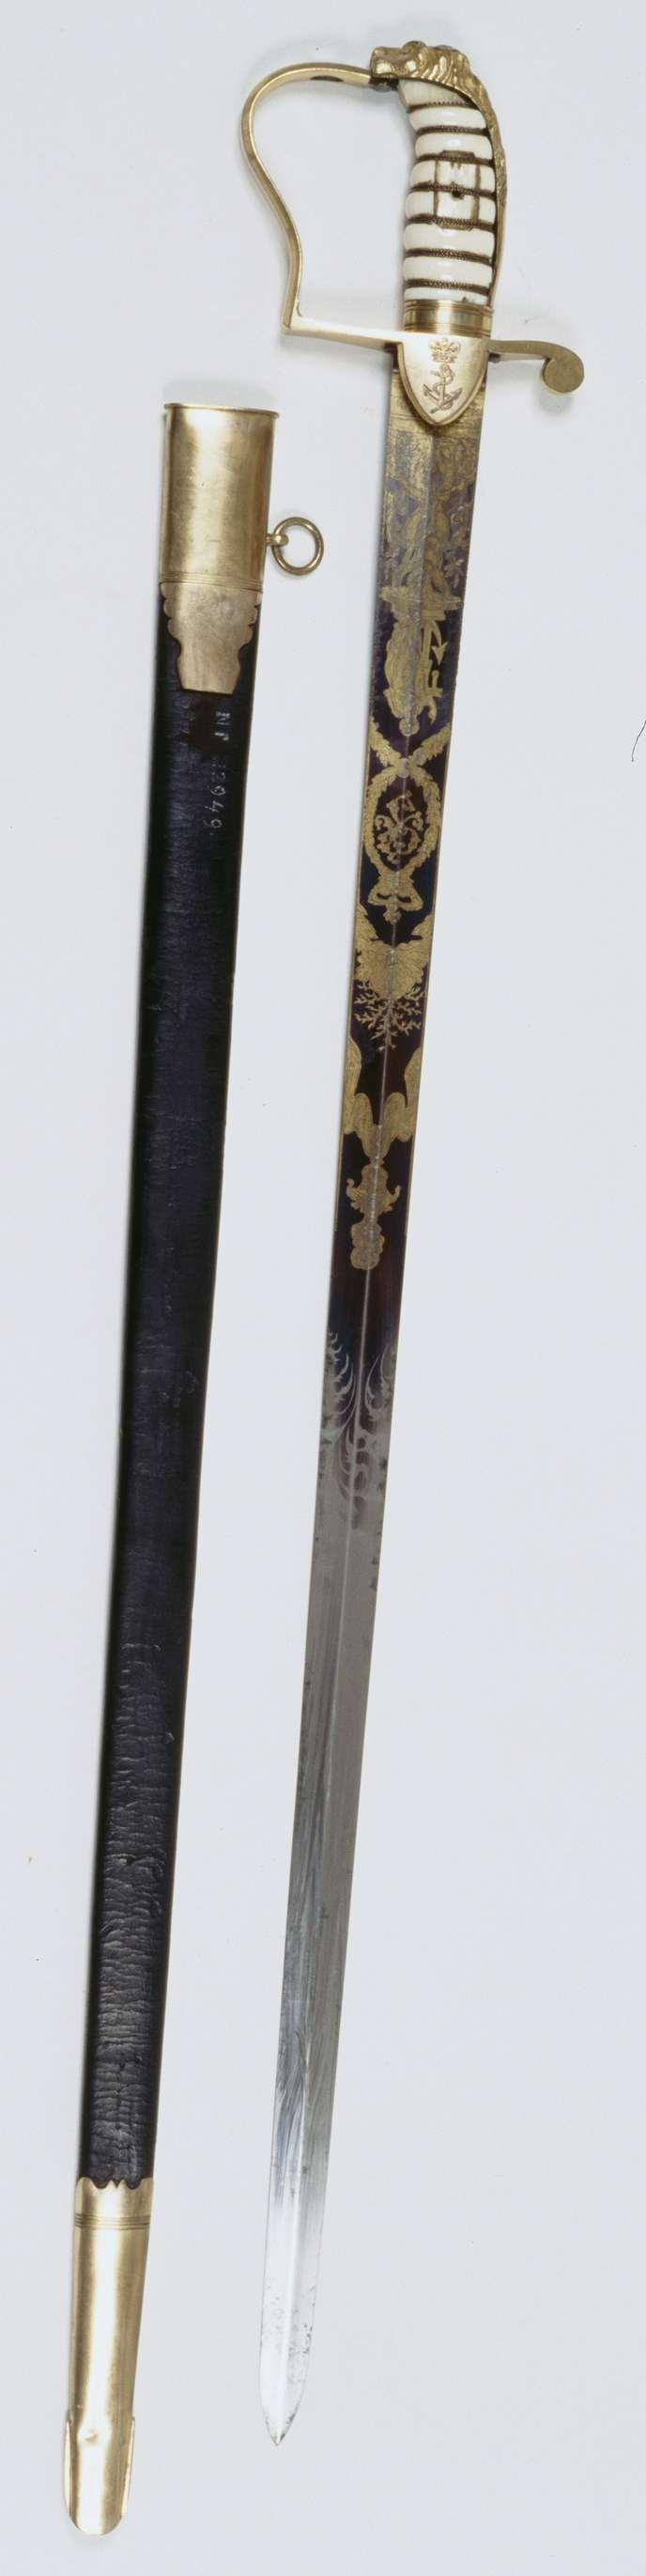 """Sword Cutler Brunn   Eresabel met schede van de vice-admiraal Th. F. van Capellen, Sword Cutler Brunn, c. 1805   Engelse officierssabel voor mariniers, model """"stirrup hilt"""", uit circa 1805 (British Commissioned Naval Officers Sword). Gevest: Leeuwegevest van koper met ivoren greep omwoeld met koperdraad. In het midden een schild met gekroond wapen. Voorbeugel en halve pareerstang met daaraan twee schildjes met een gegraveerd gekroond anker. De kling is tweesnijdend. Gedamasceerd in blauw en…"""